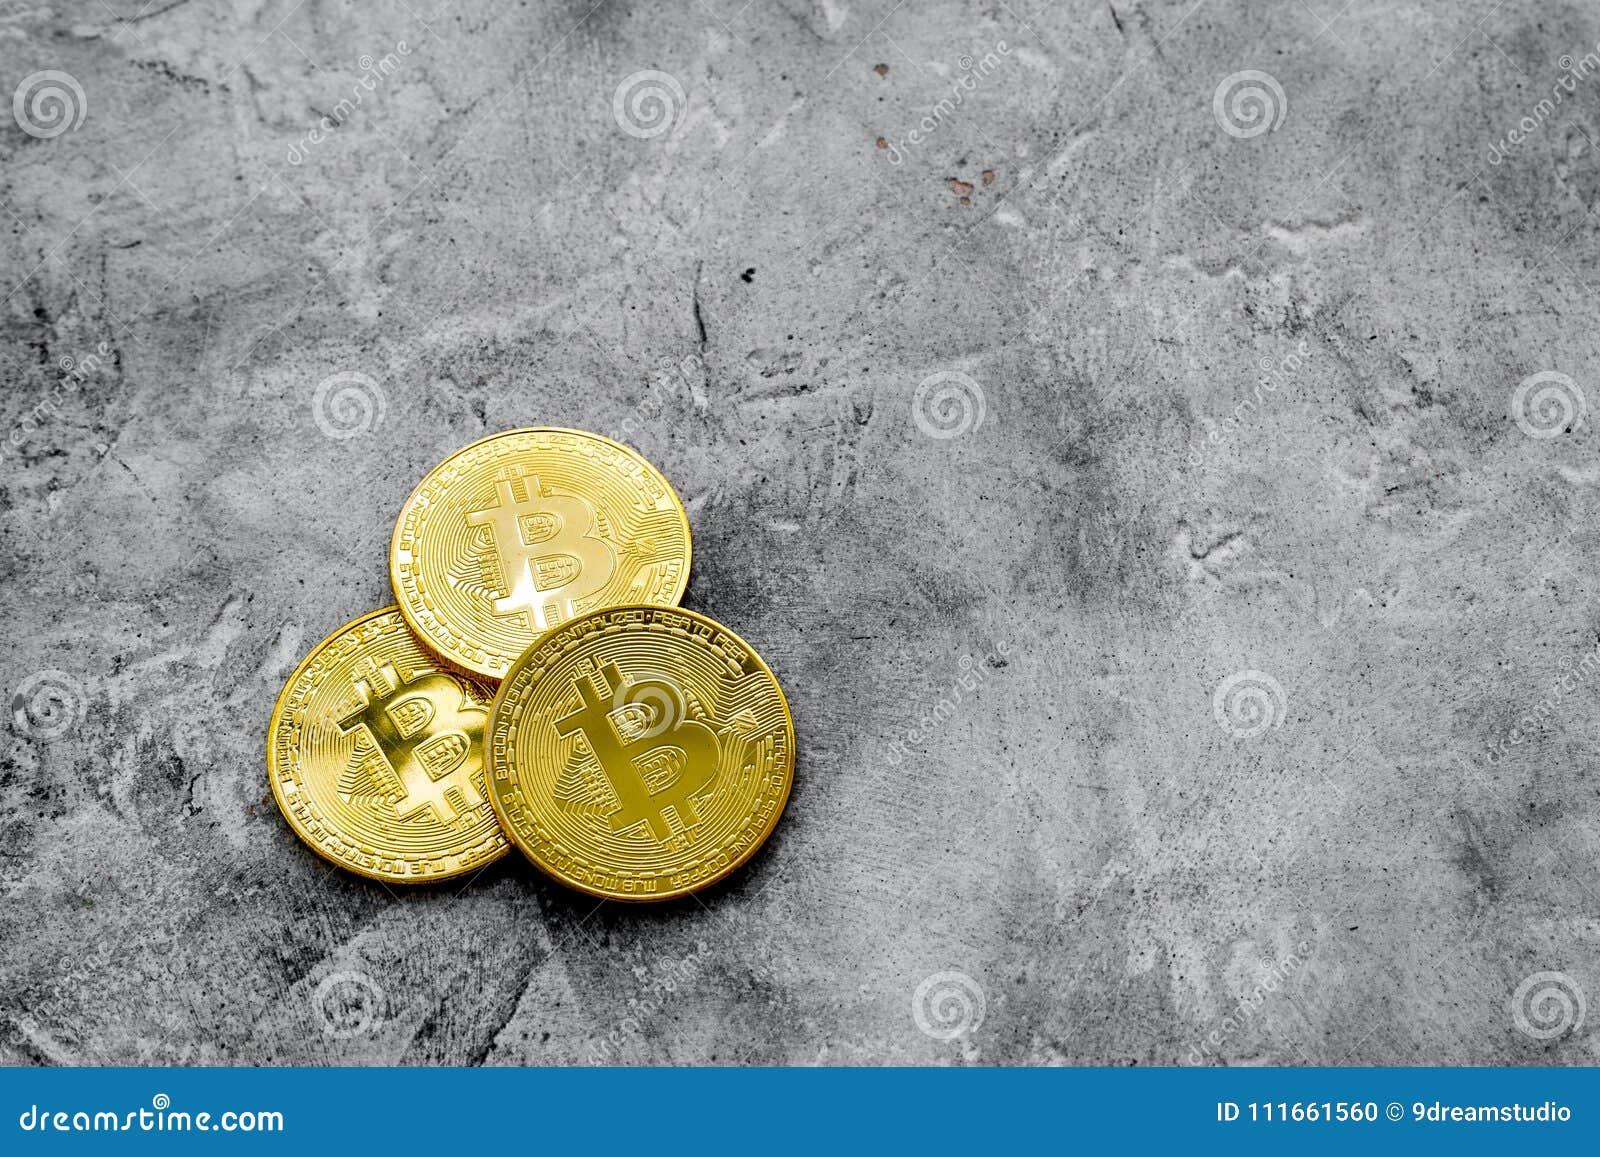 crypto coin changer